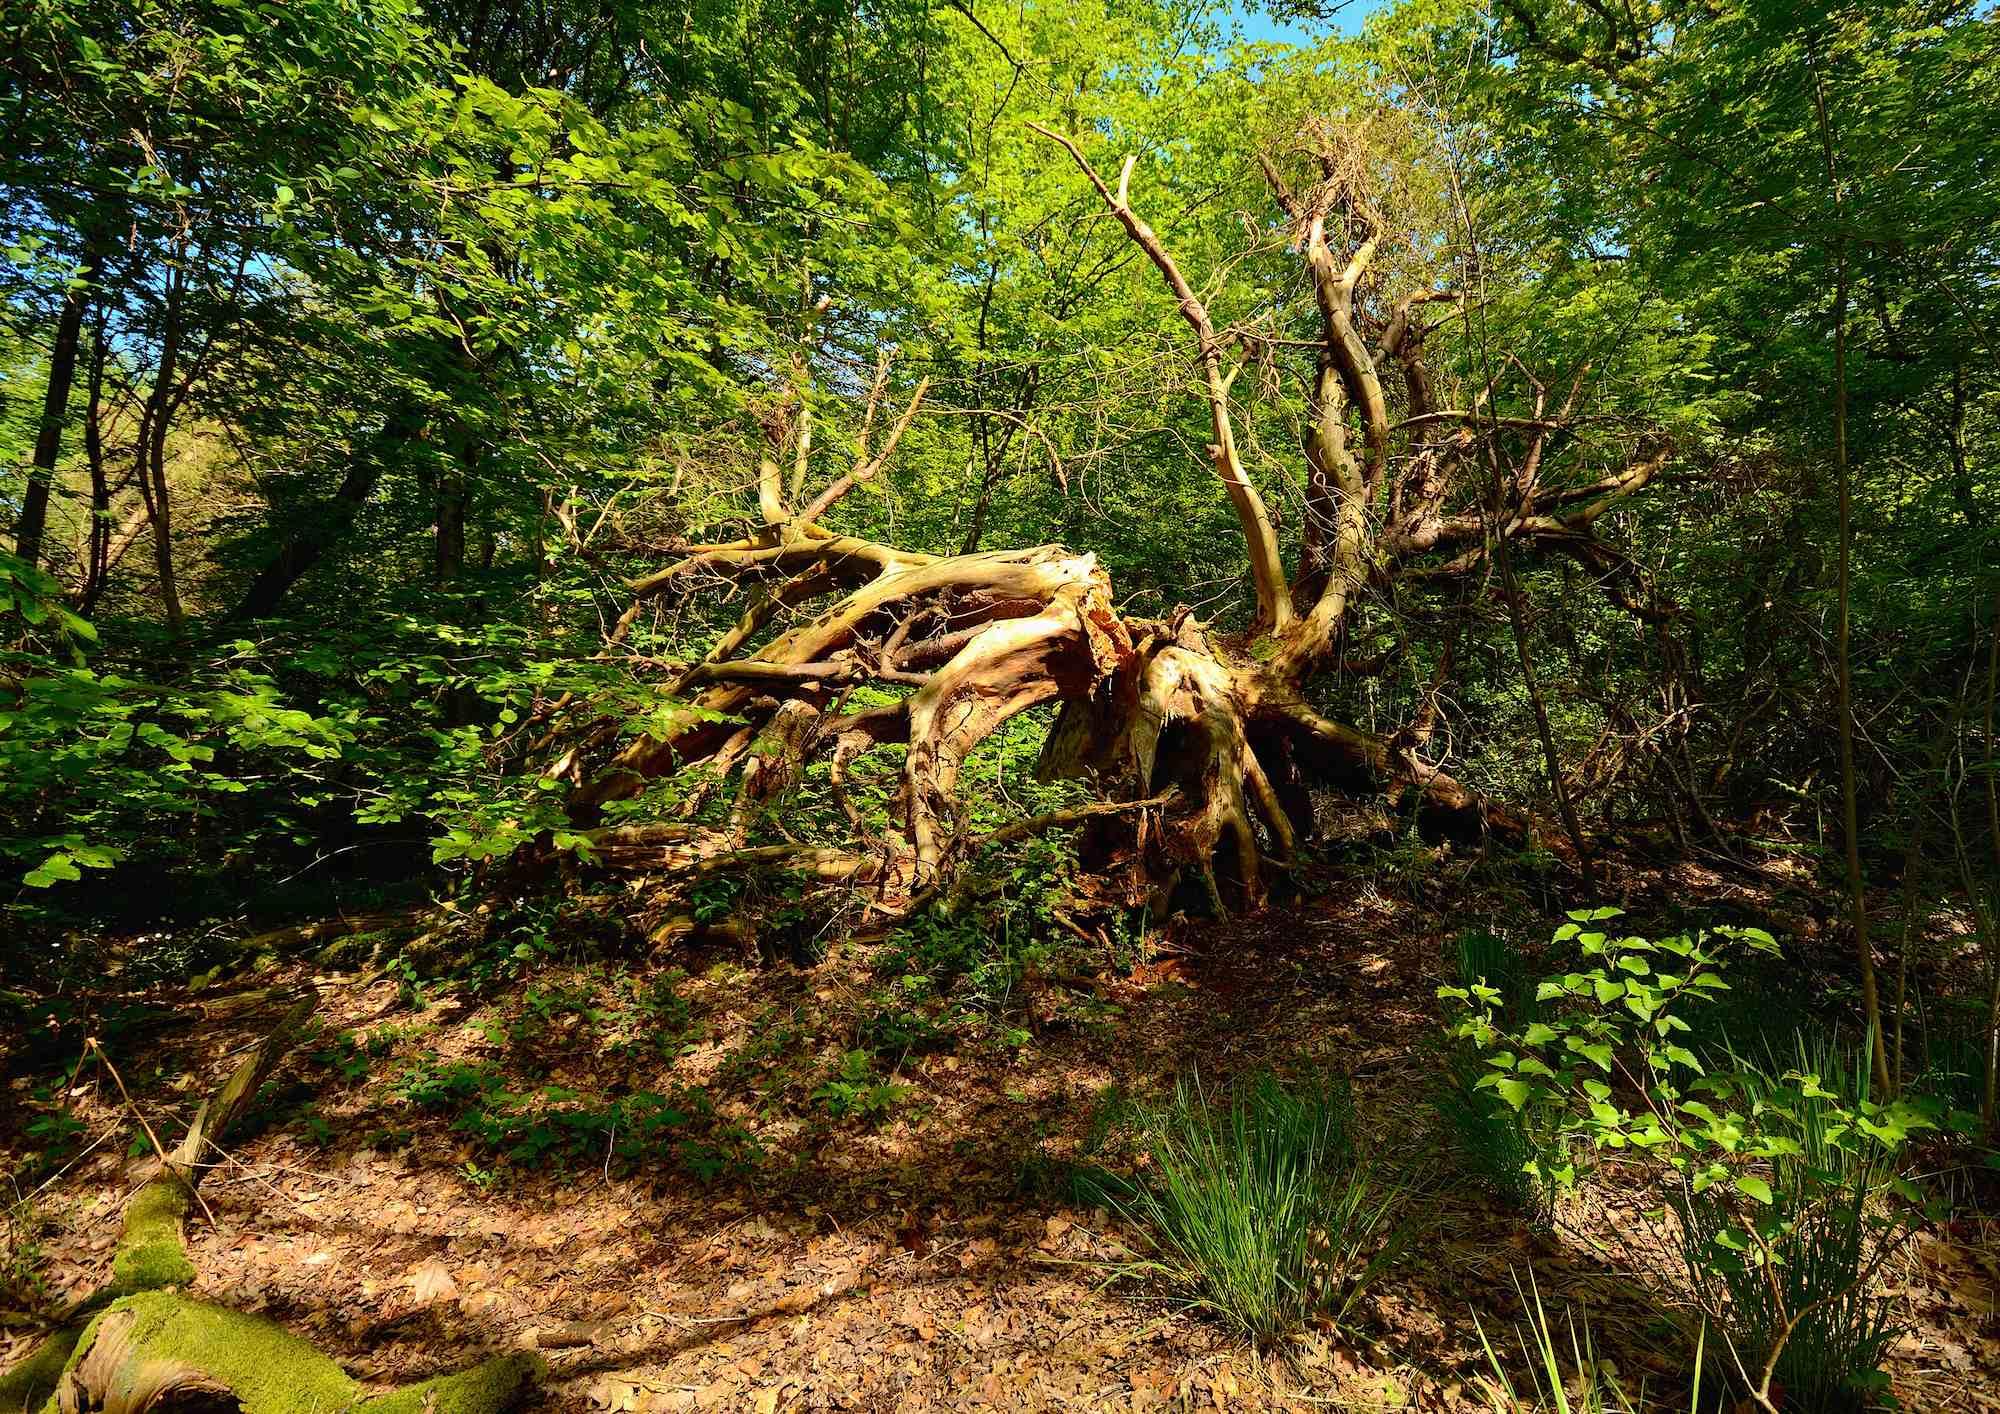 Naturskulptur. Draved Skov, maj (foto © Rune Engelbreth Larsen)